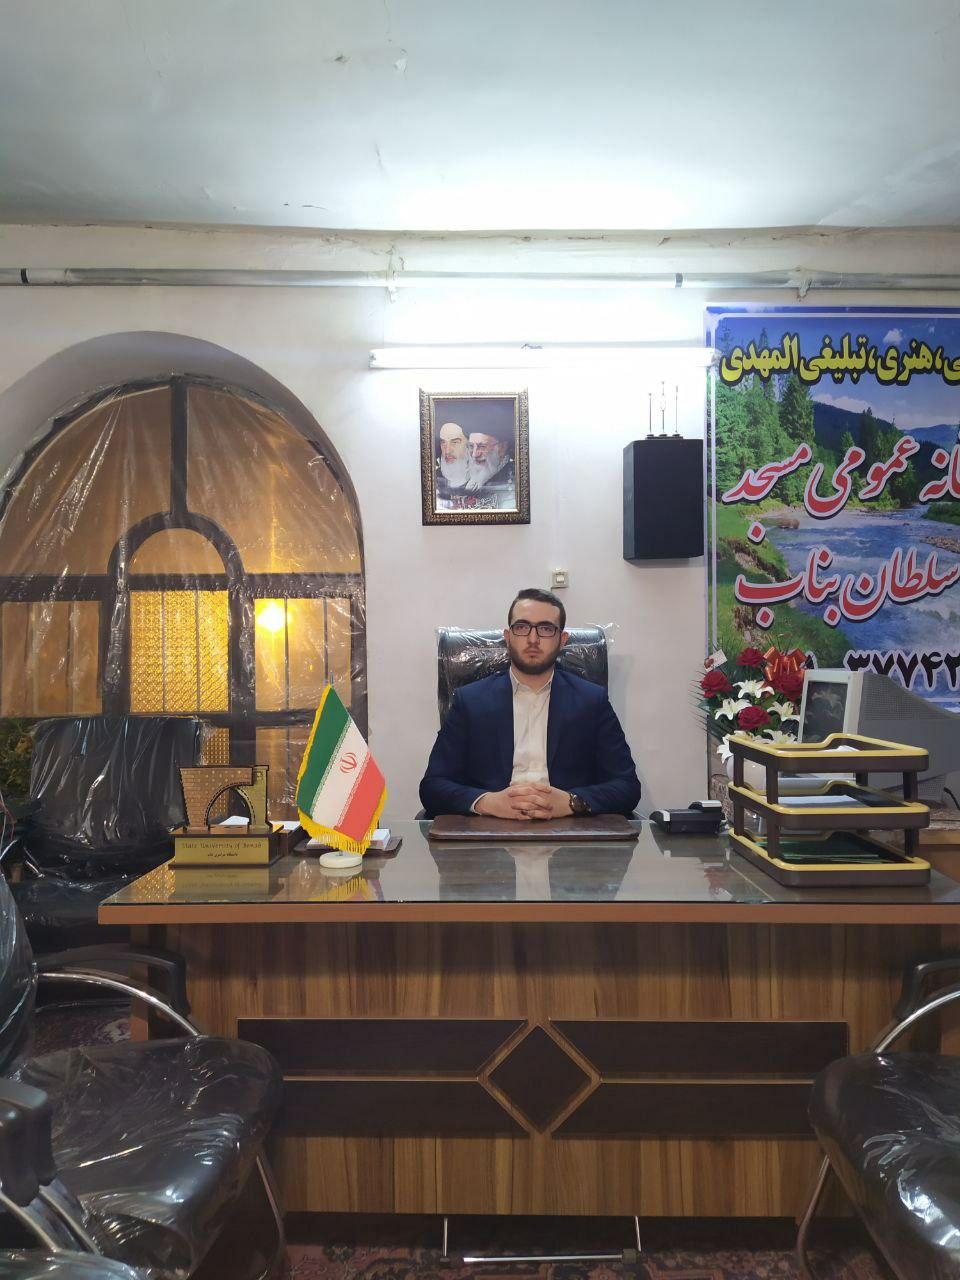 پیام تبریک به مناسبت ۱۸اسفند سالروز تشکیل کانون های فرهنگی و هنری مساجد کشور